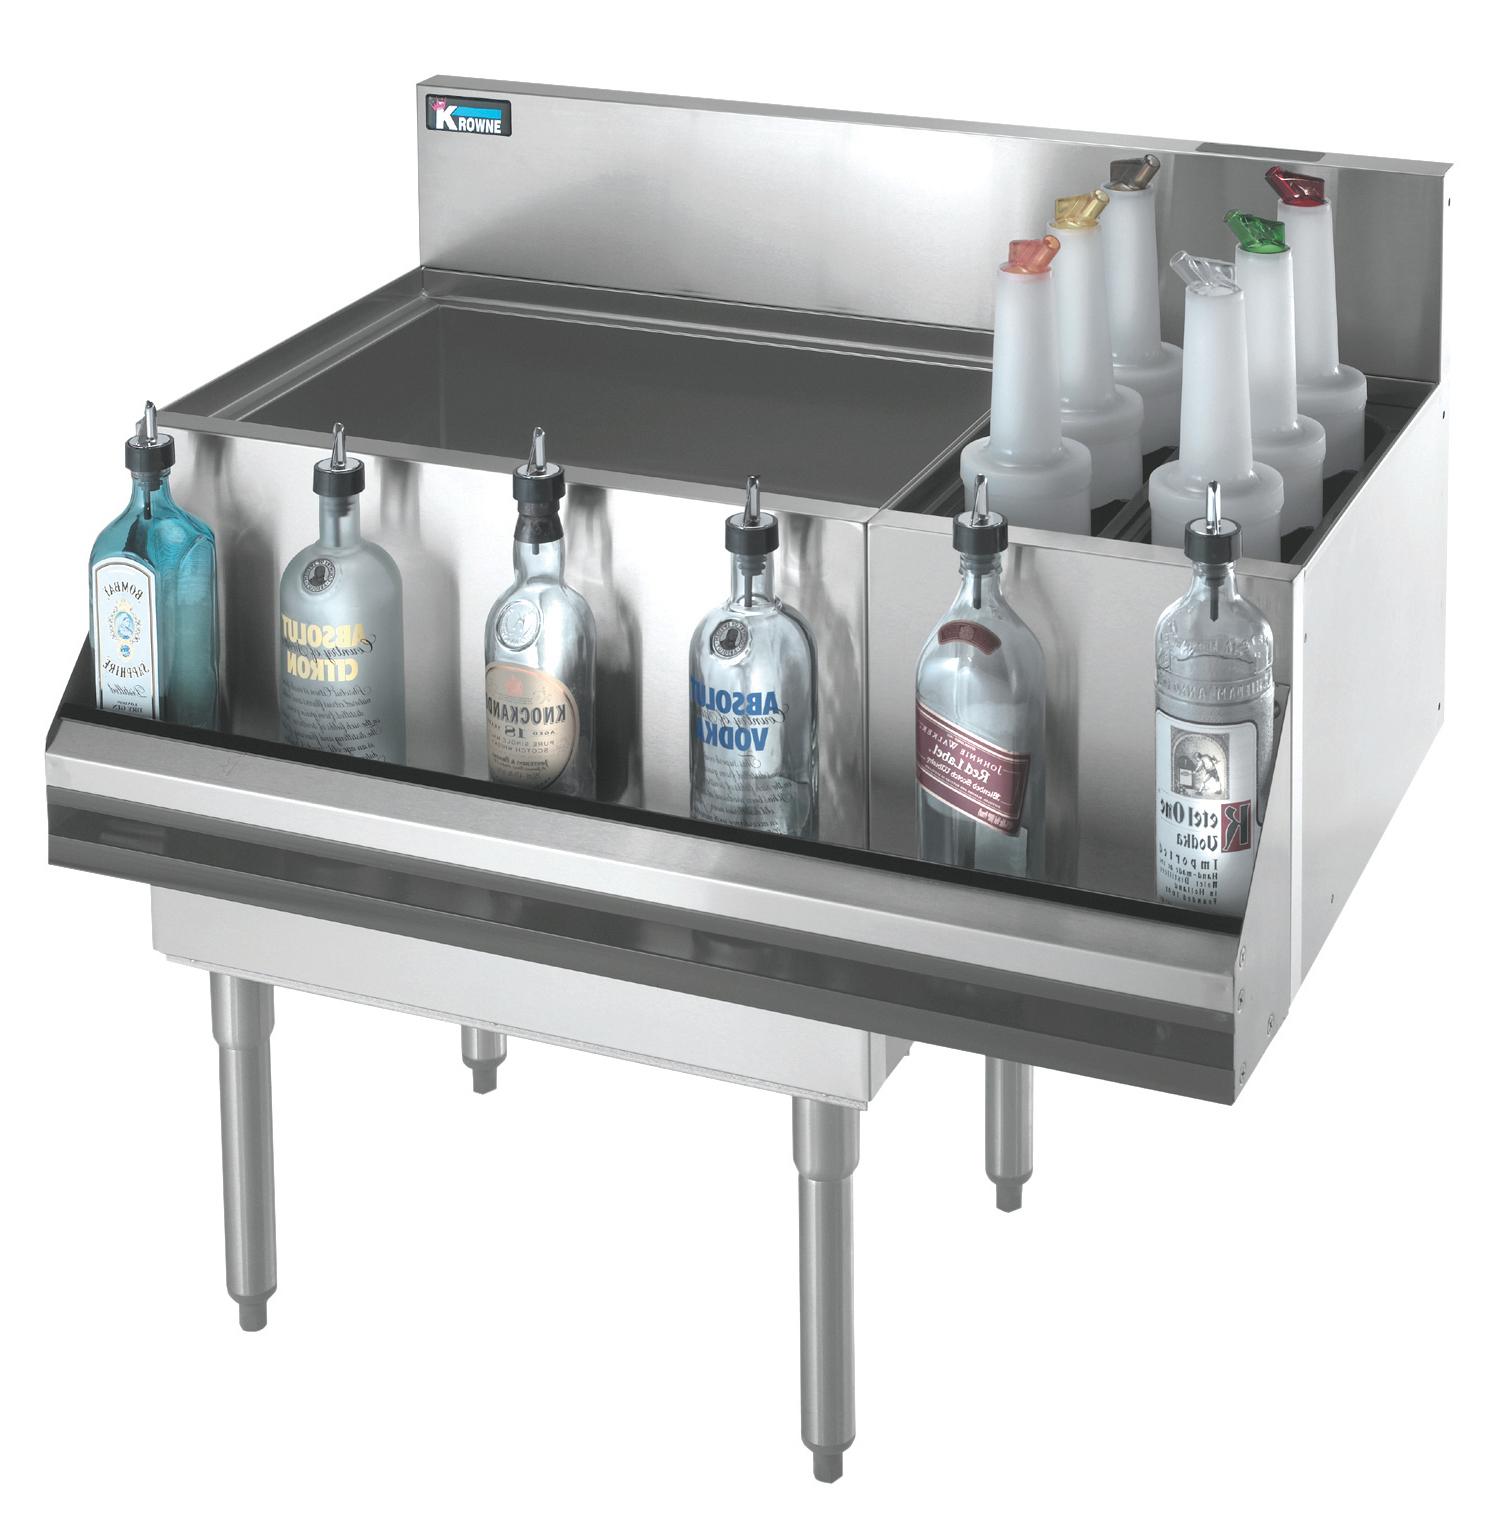 Krowne Metal KR18-M48L underbar ice bin/cocktail station, bottle well bin